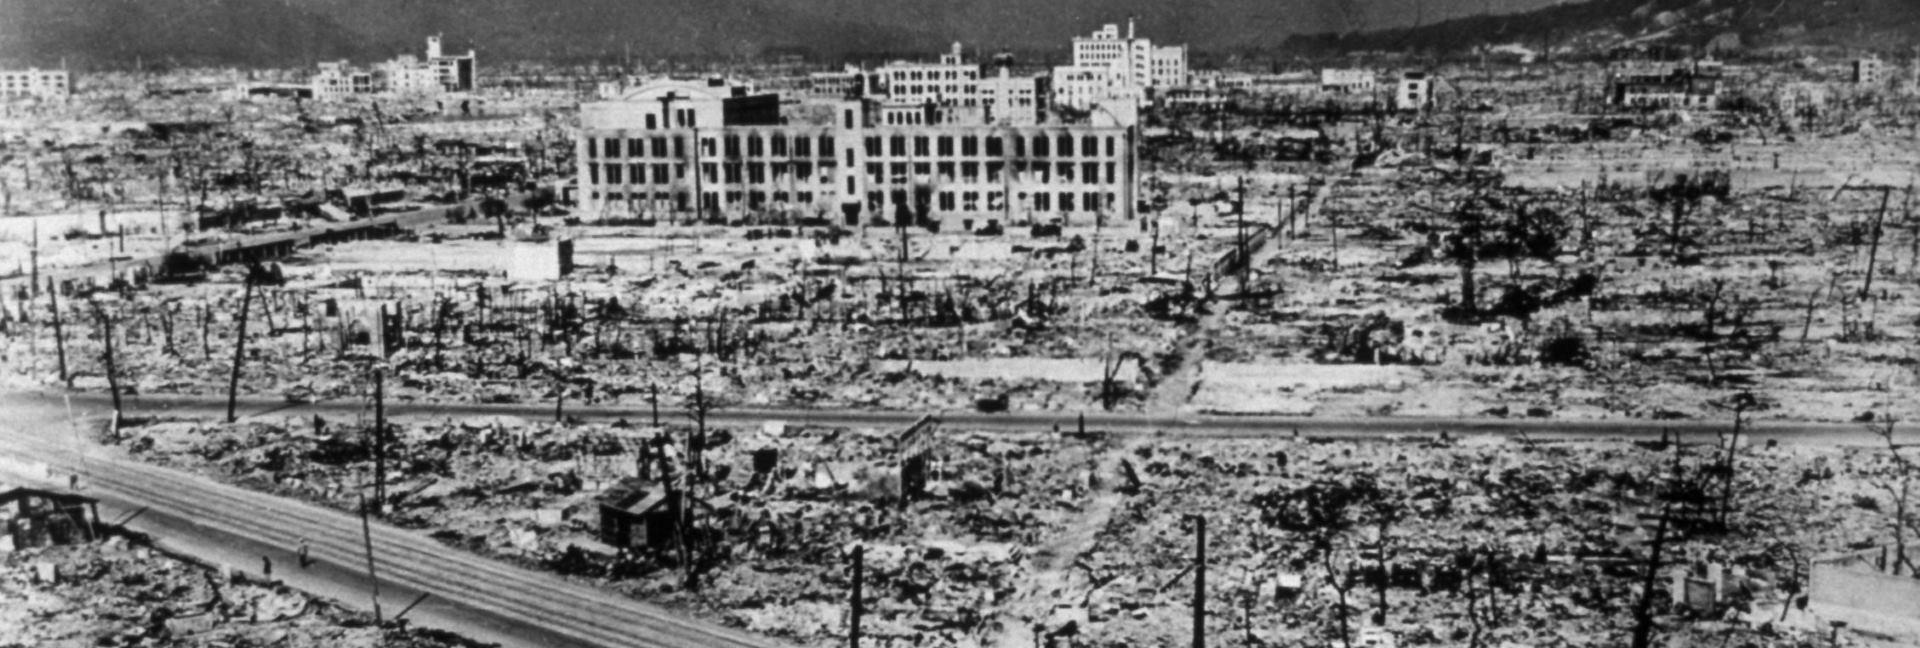 FOTO: Sjećanje na Hirošimu – 6. kolovoz 1945. godine